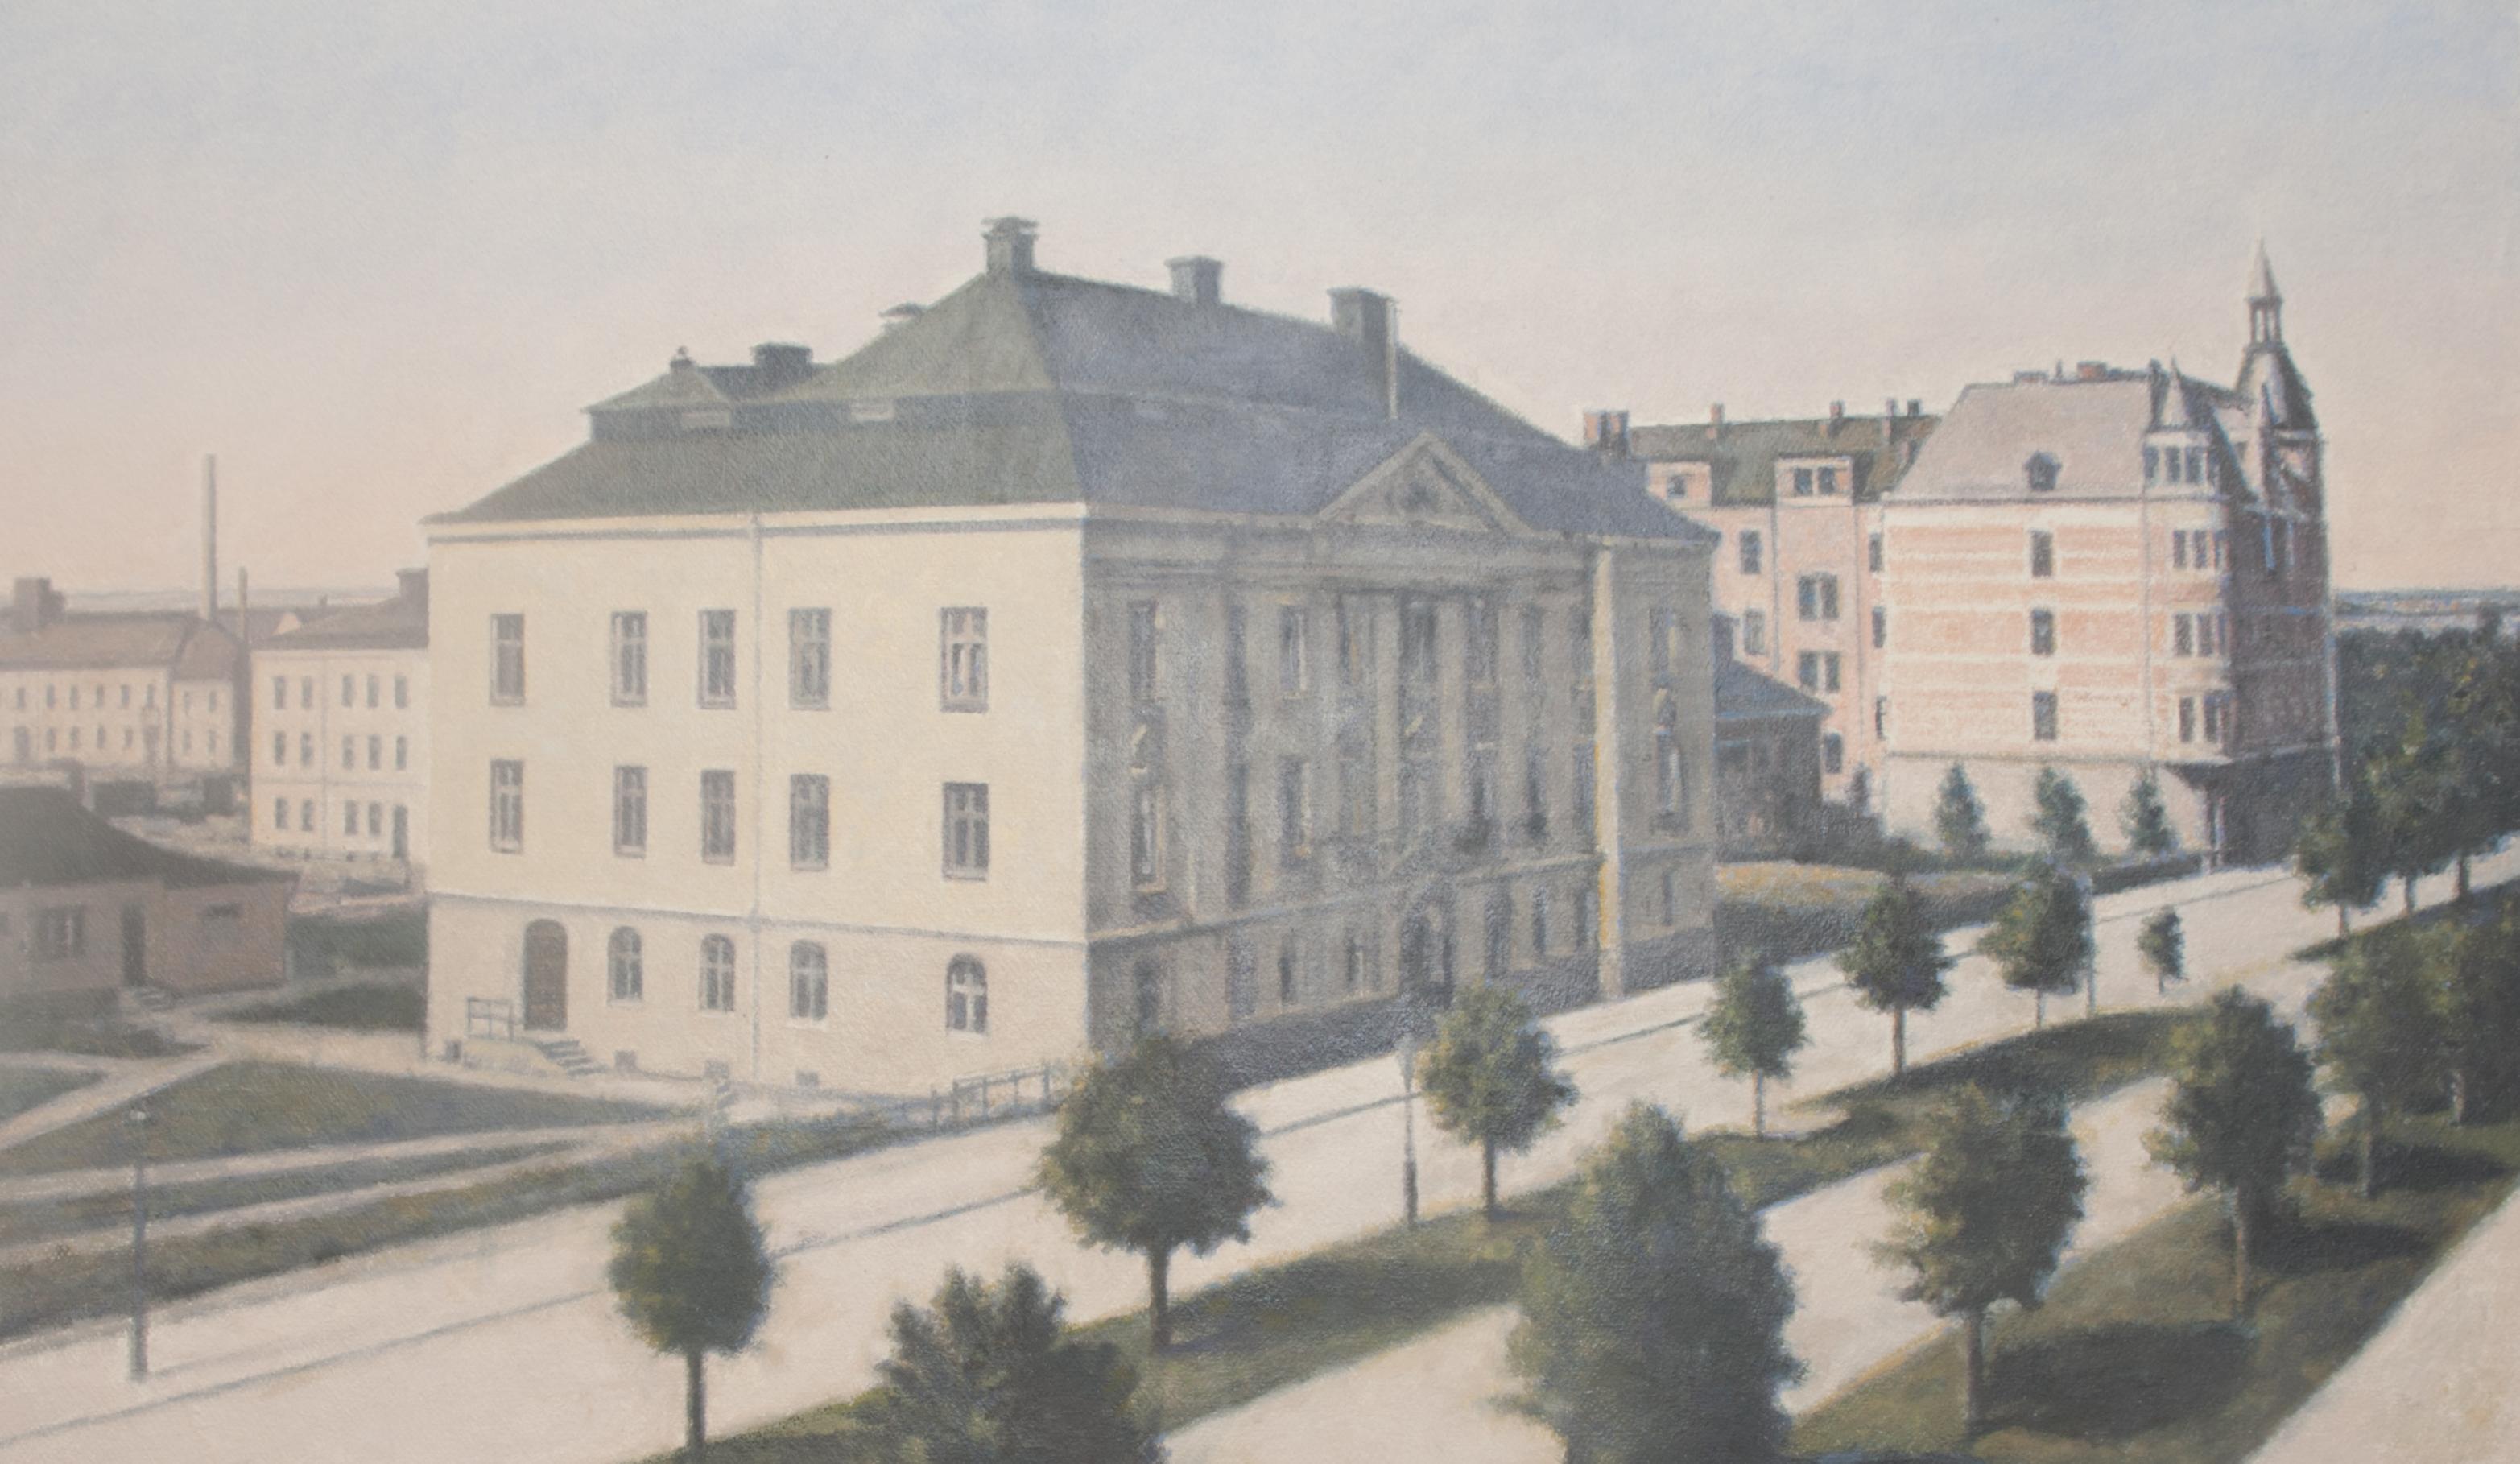 Hypotesbanken Järnvägen (1910-tal) - Klicka för att byta till perspektivbild.